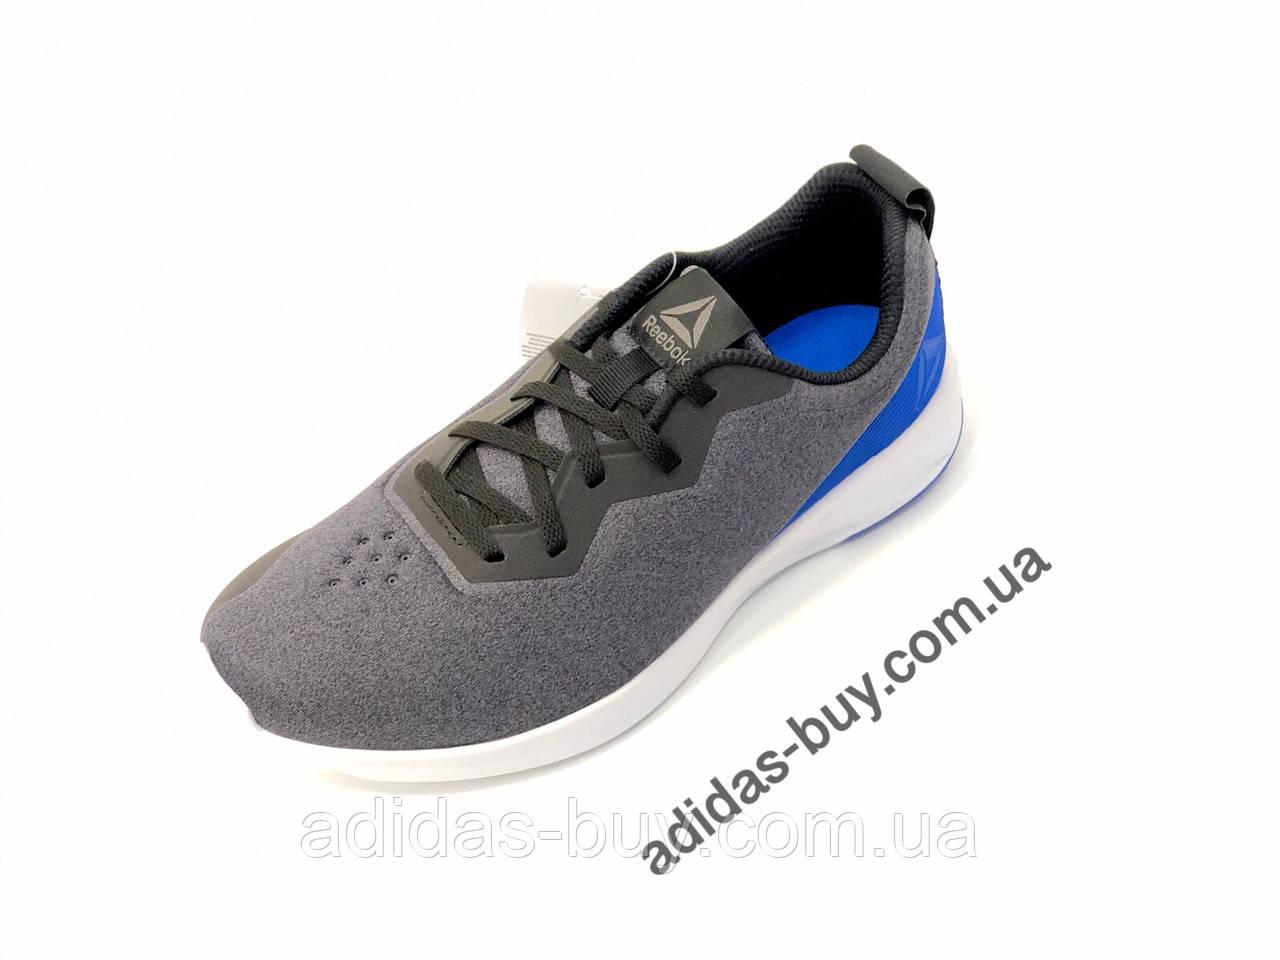 Кроссовки мужские Reebok ASTRORIDE PERIGEE CN2697 цвет: серый/синий оригинальные